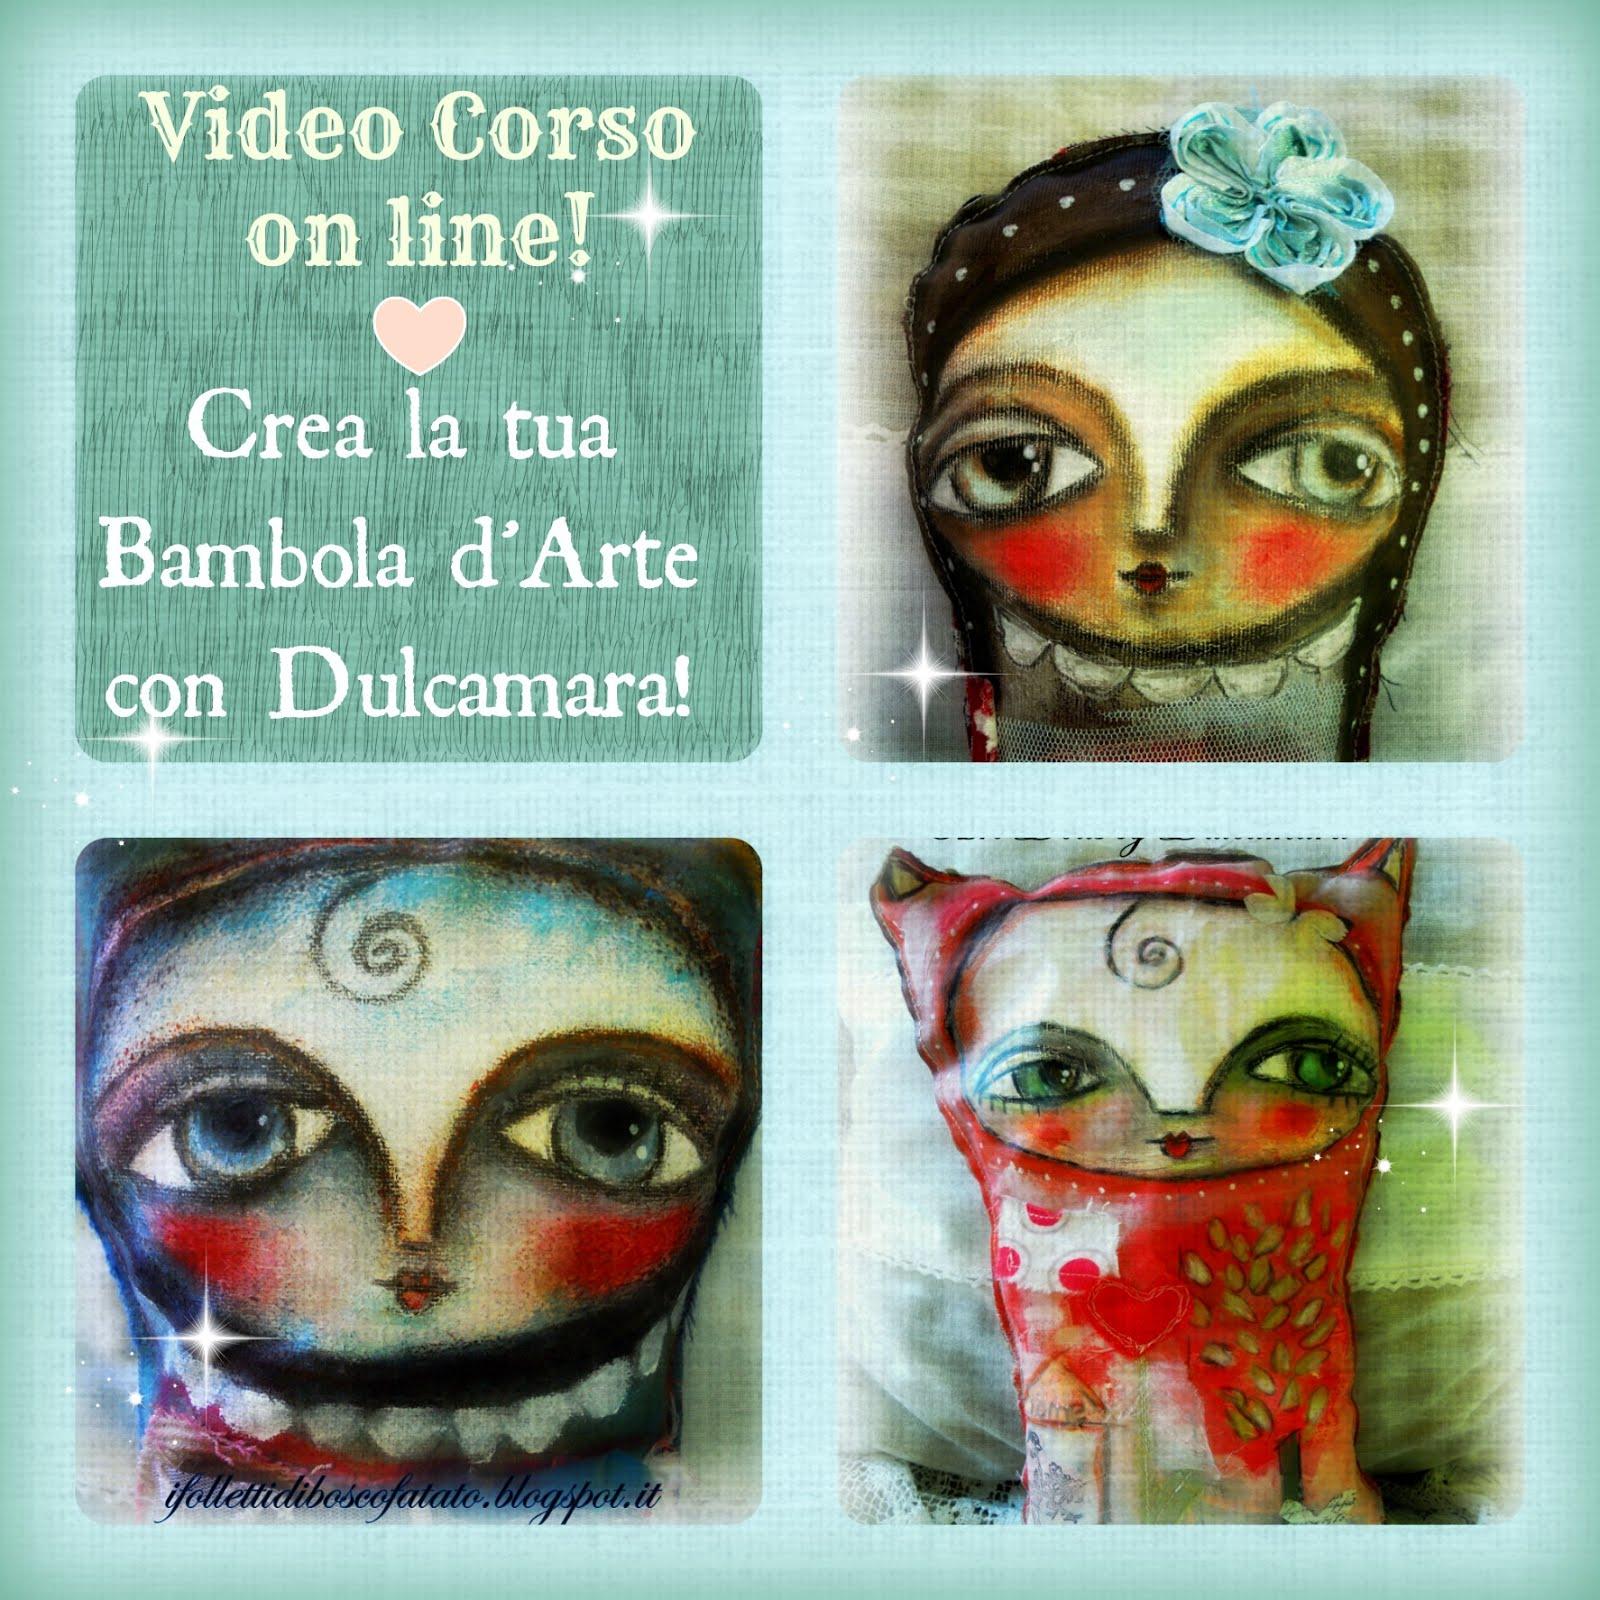 Crea la tua bambola d'Arte con Dulcamara!